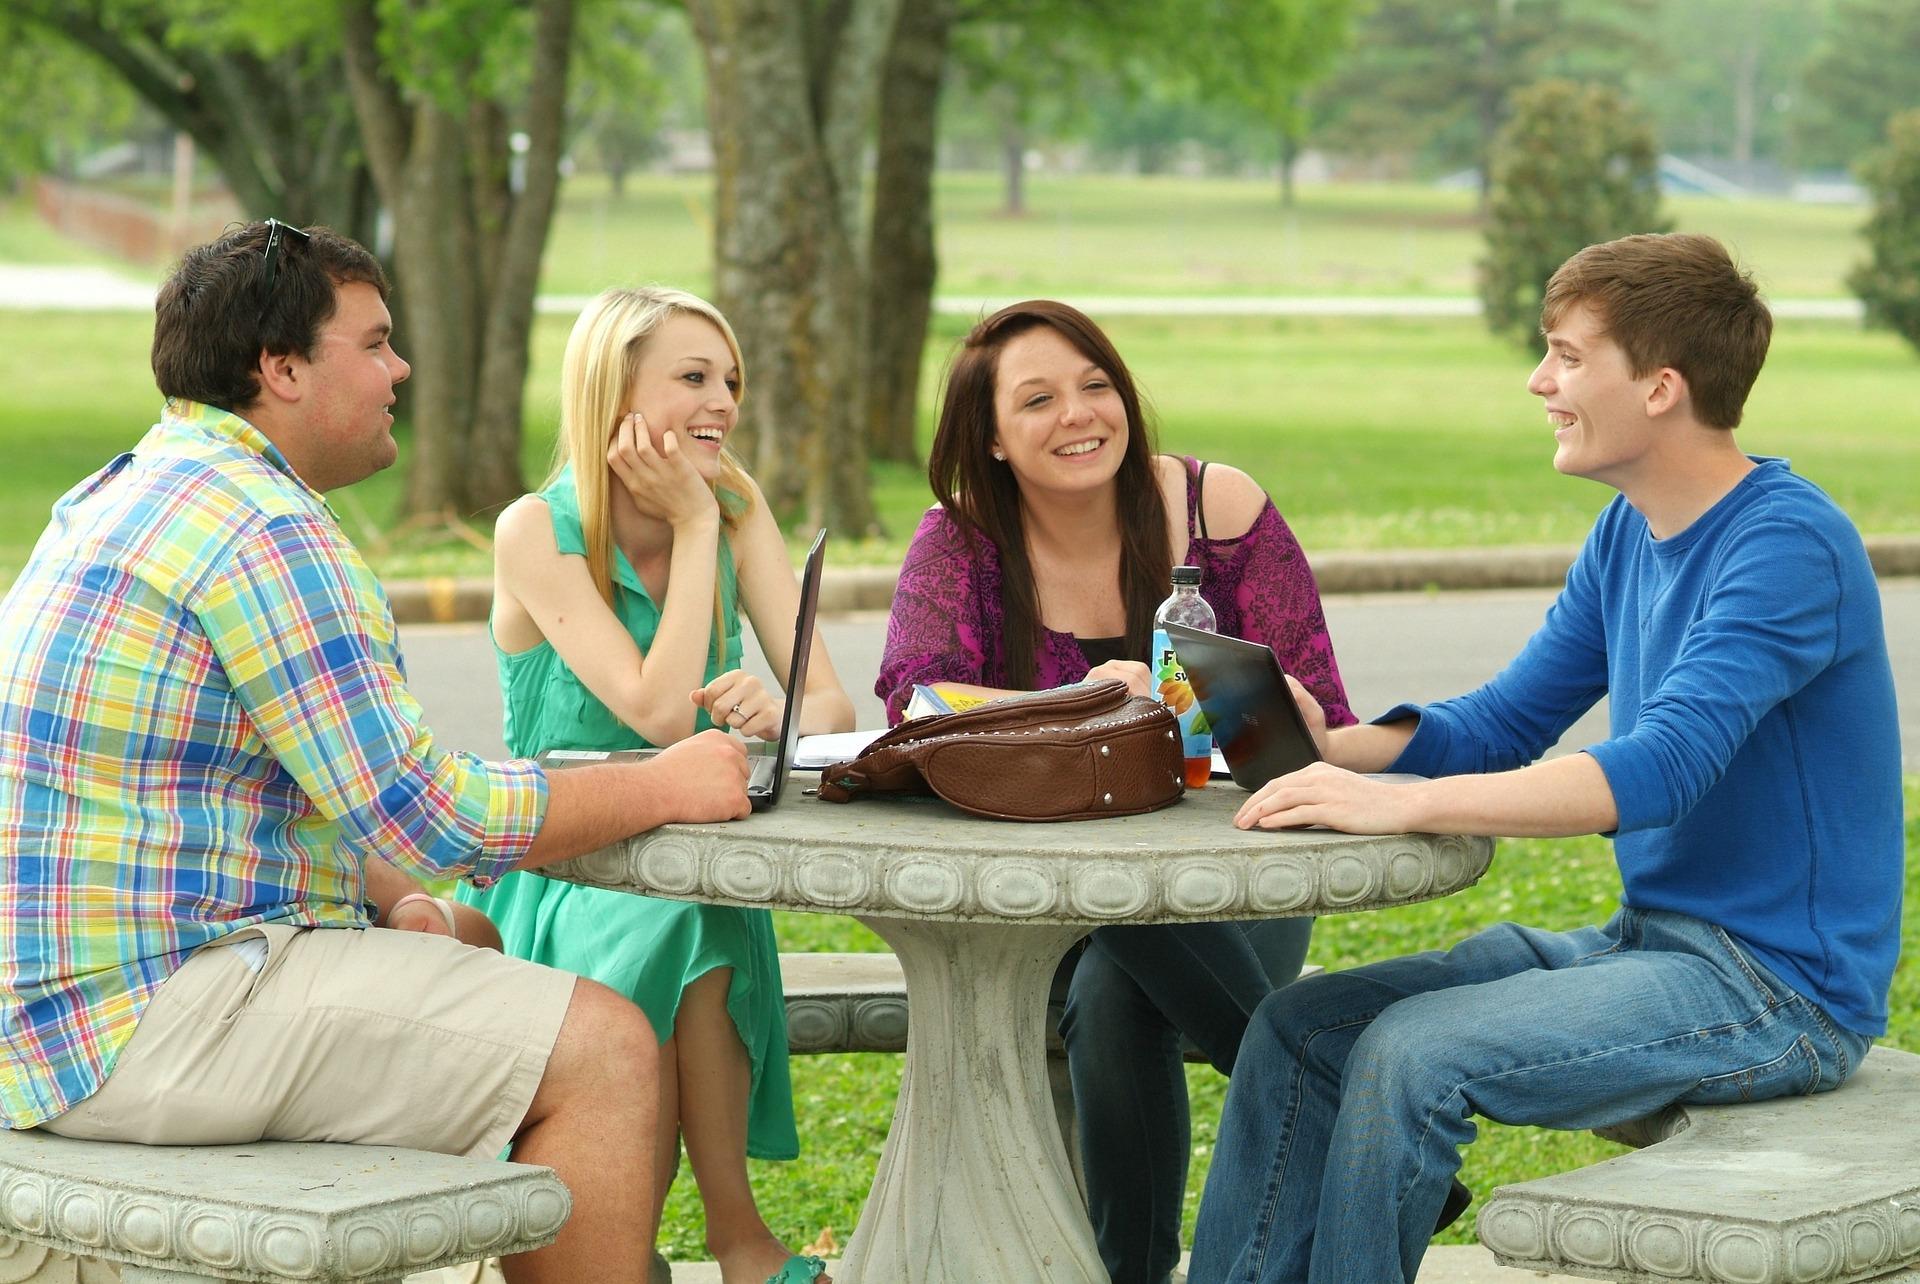 警惕!交朋友也要看對象  五種不宜深交的類型